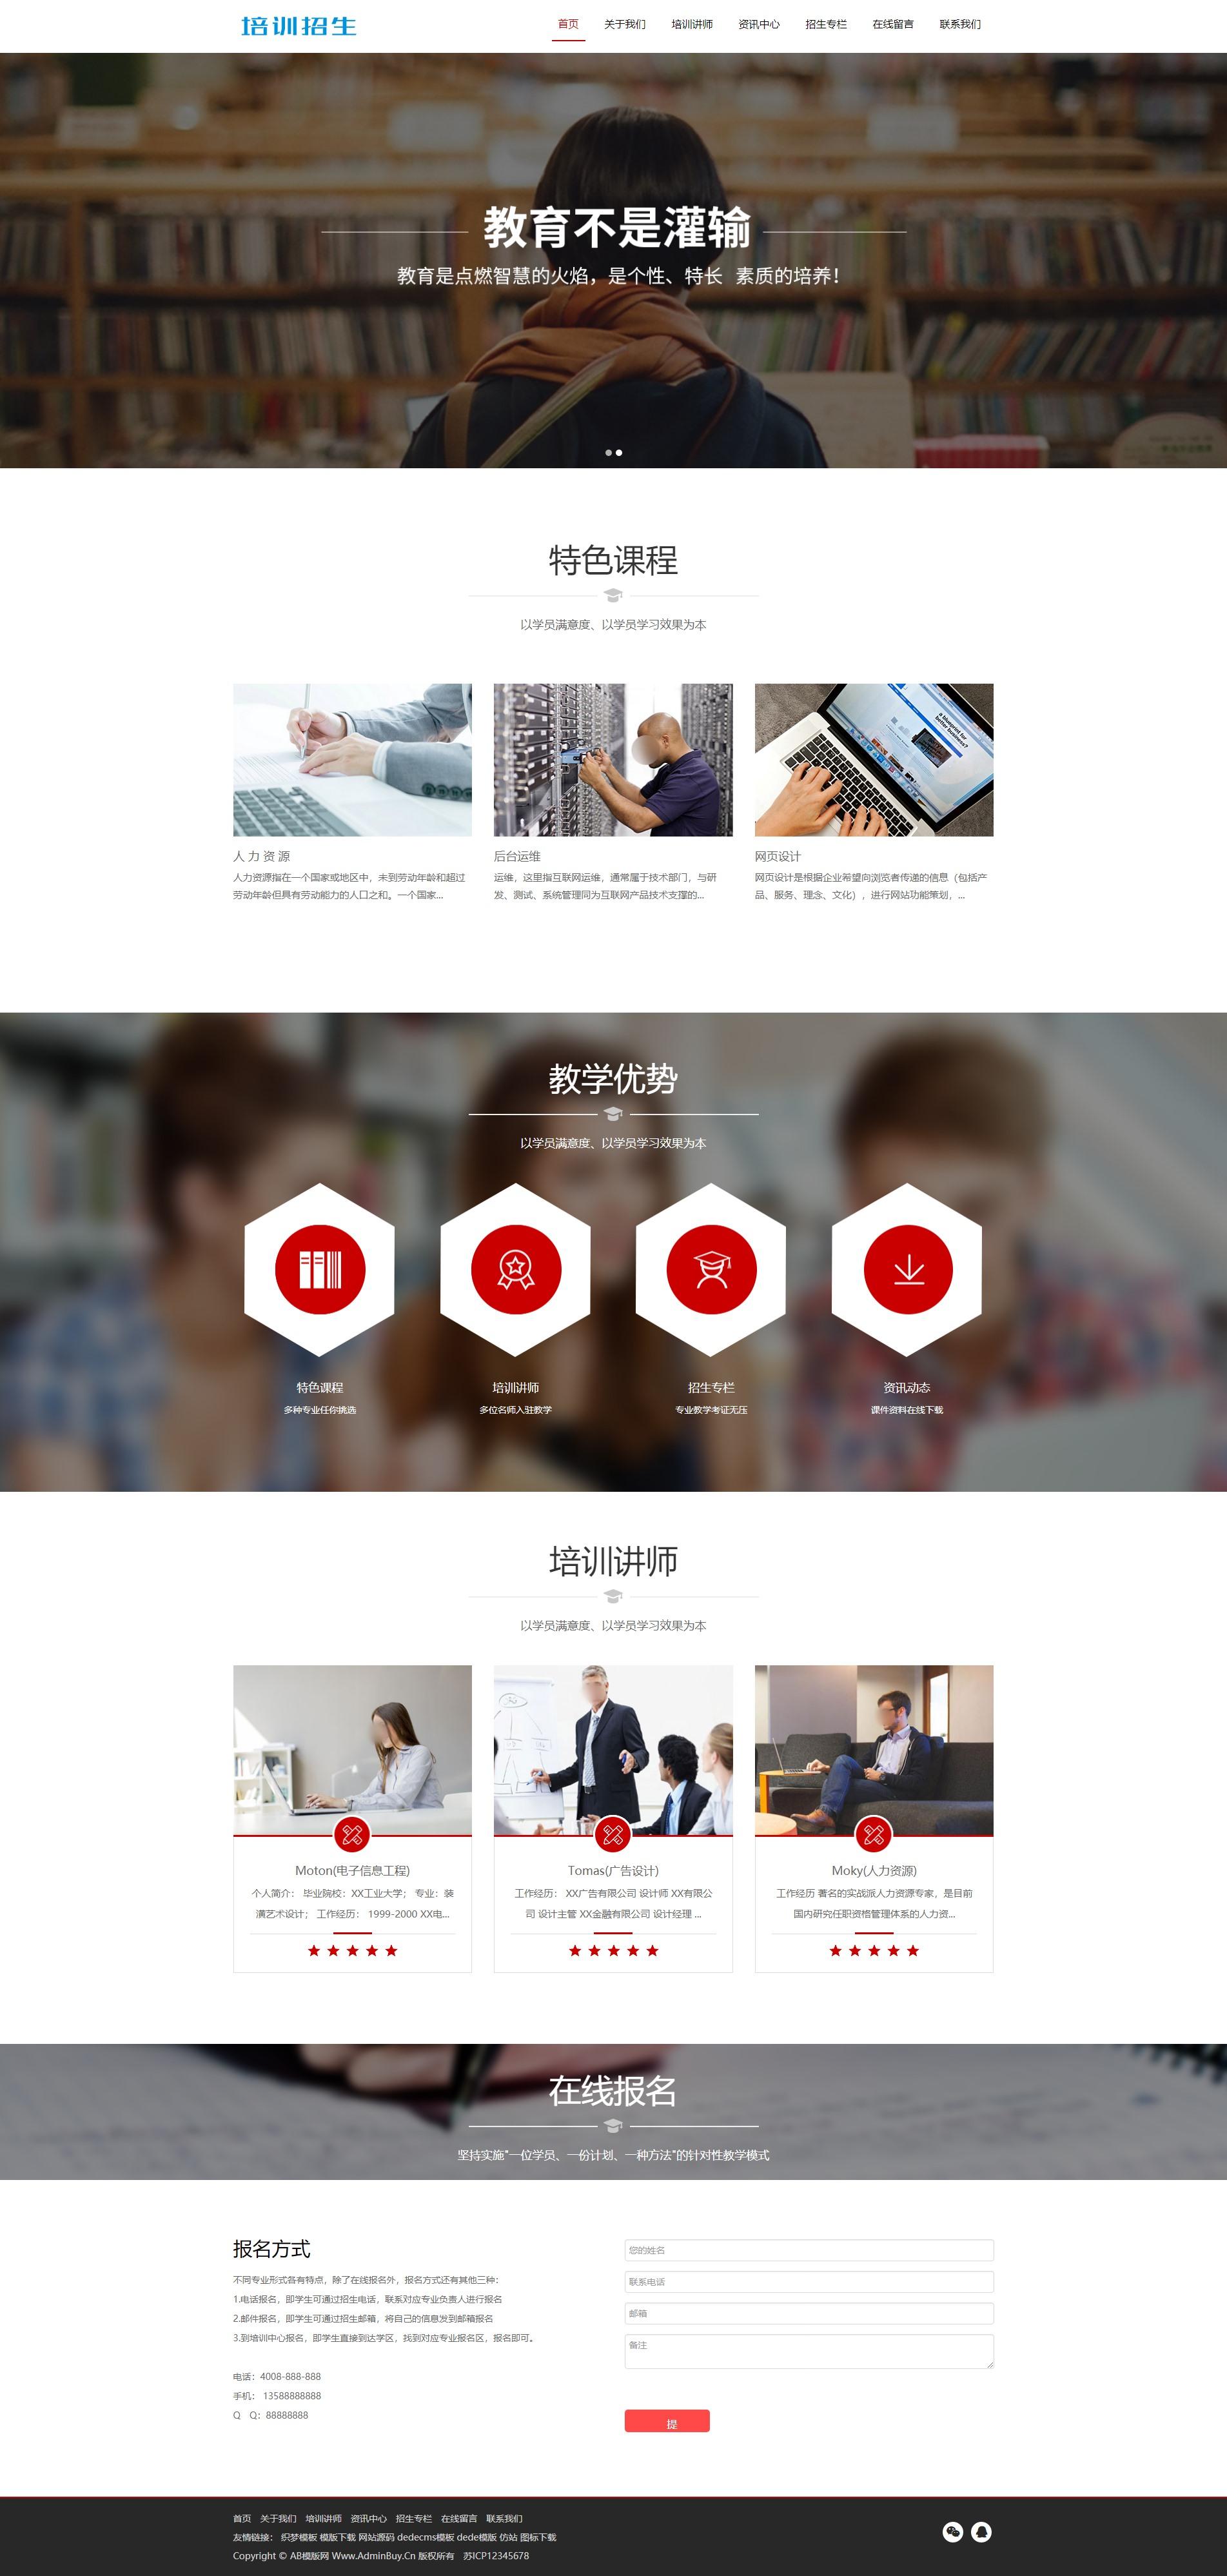 【教育培训】织梦cms模板 黑白网站源码[自适应手机版]-找主题源码